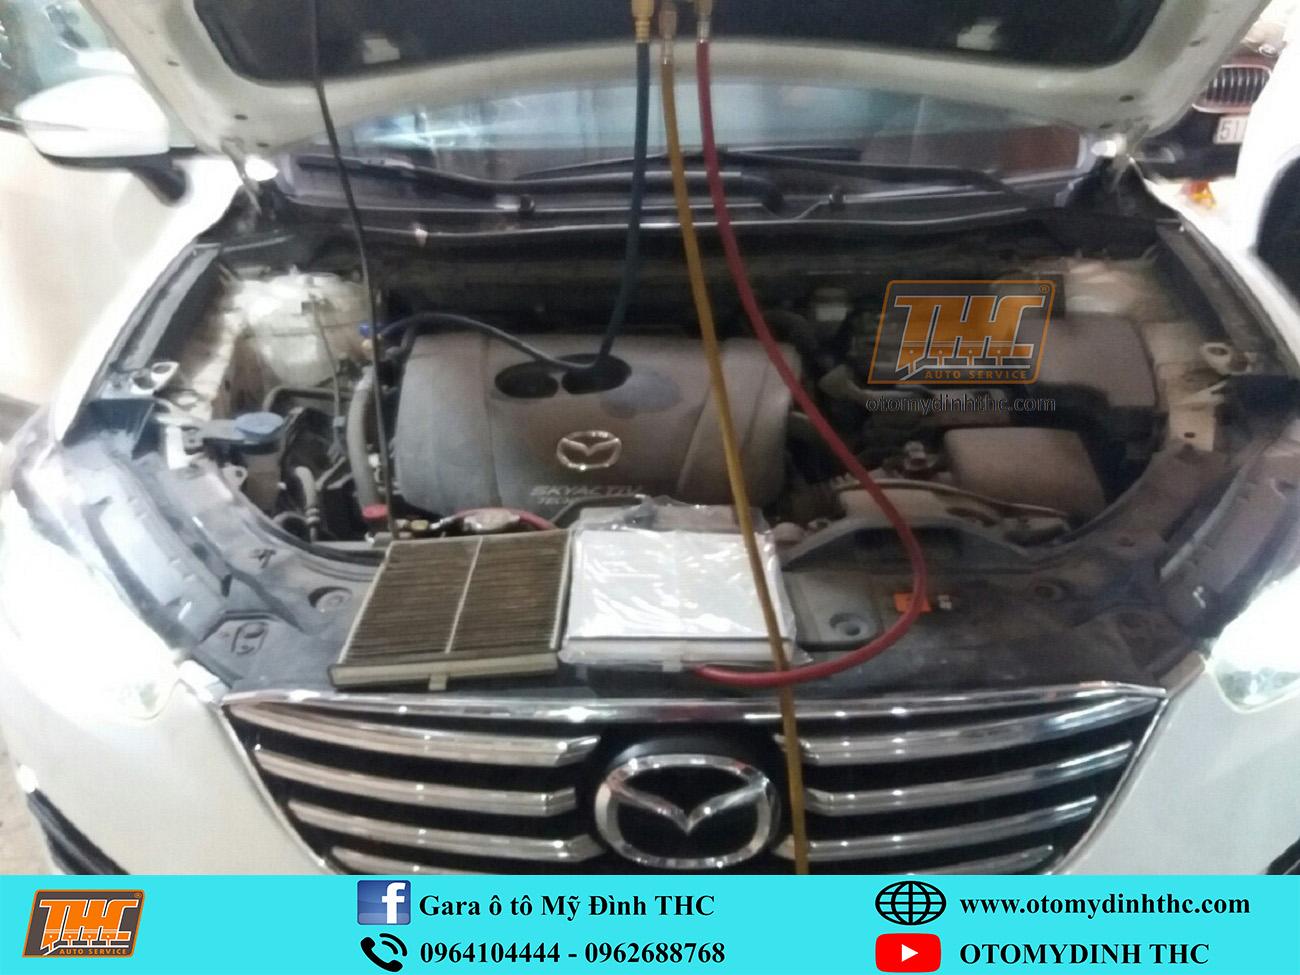 Sửa chữa bảo dưỡng hệ thống điều hòa xe Mazda CX5 tại Trung Tâm Kỹ Thuật Ô Tô Mỹ Đình THC